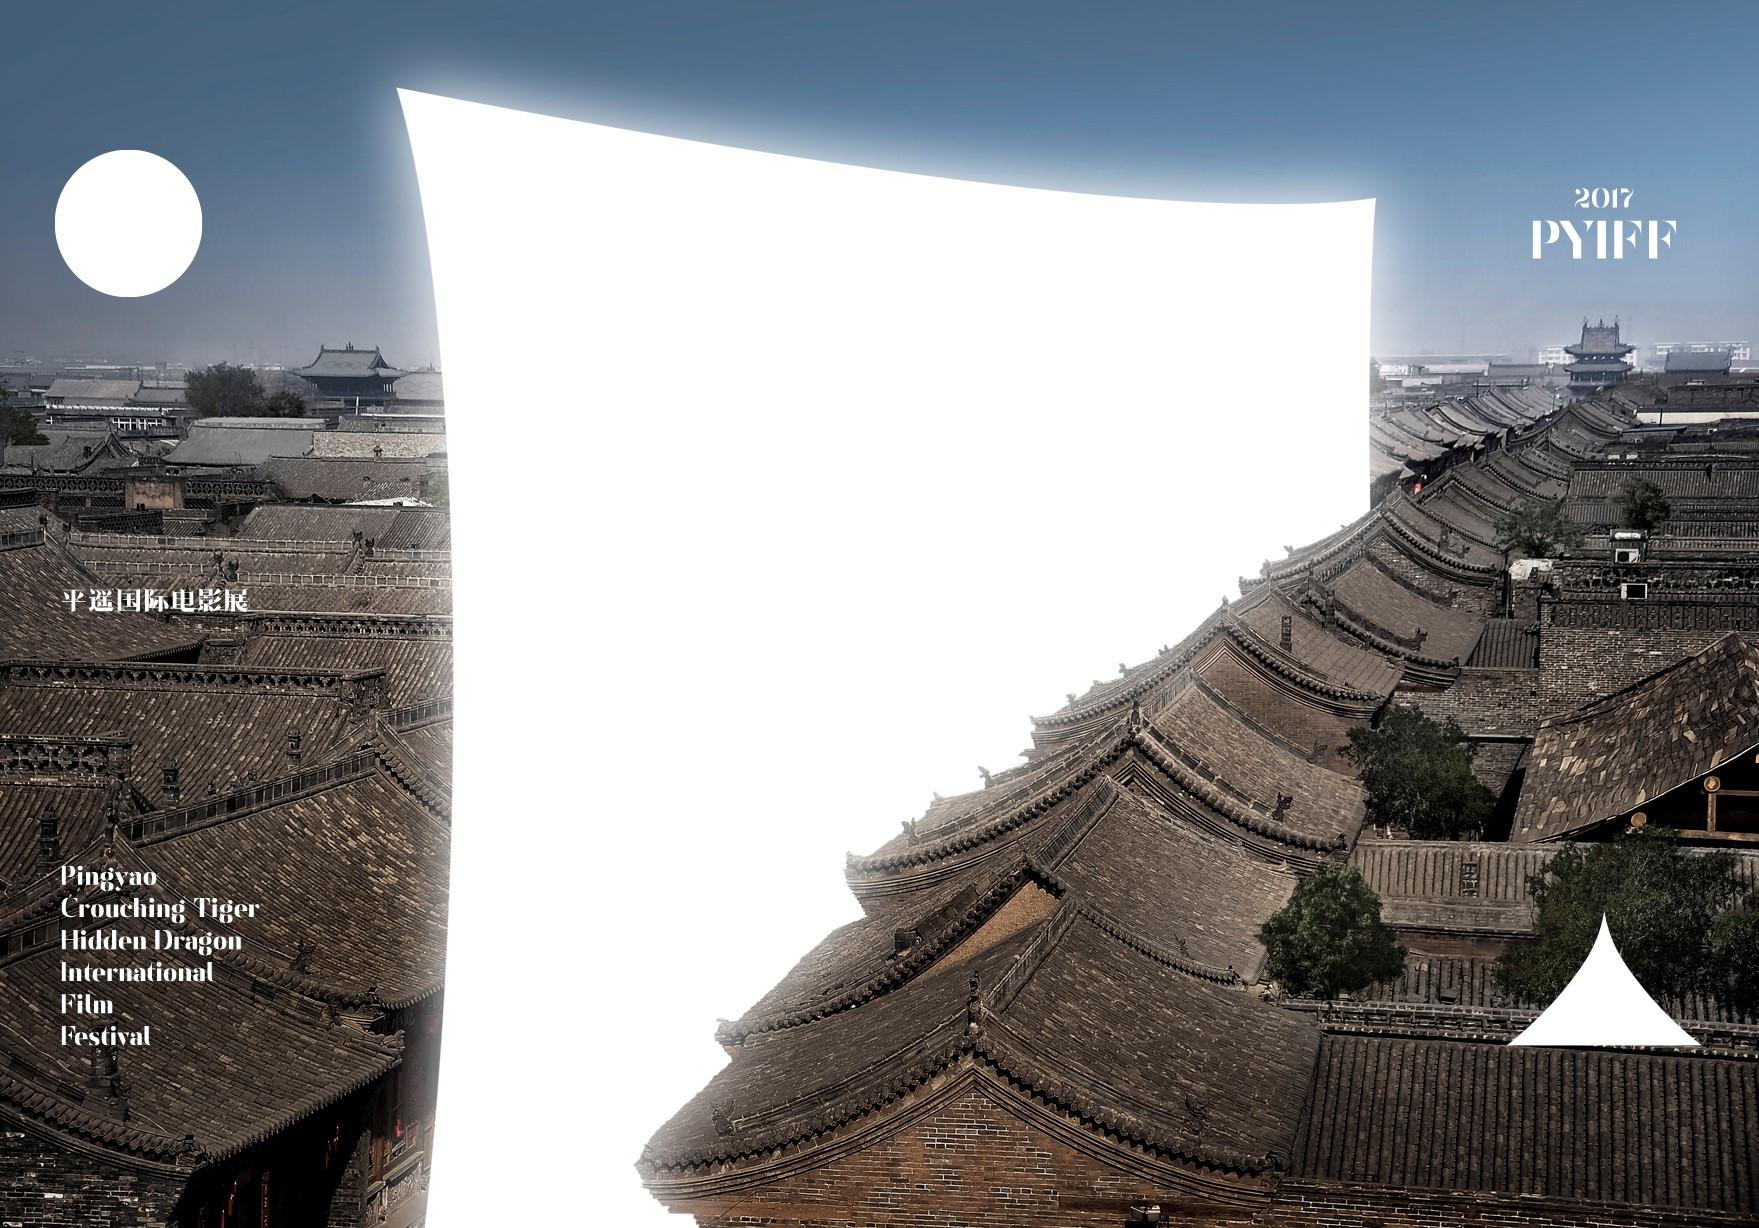 平遥国际电影展公布顾问团名单 杜琪峰冯小刚在列